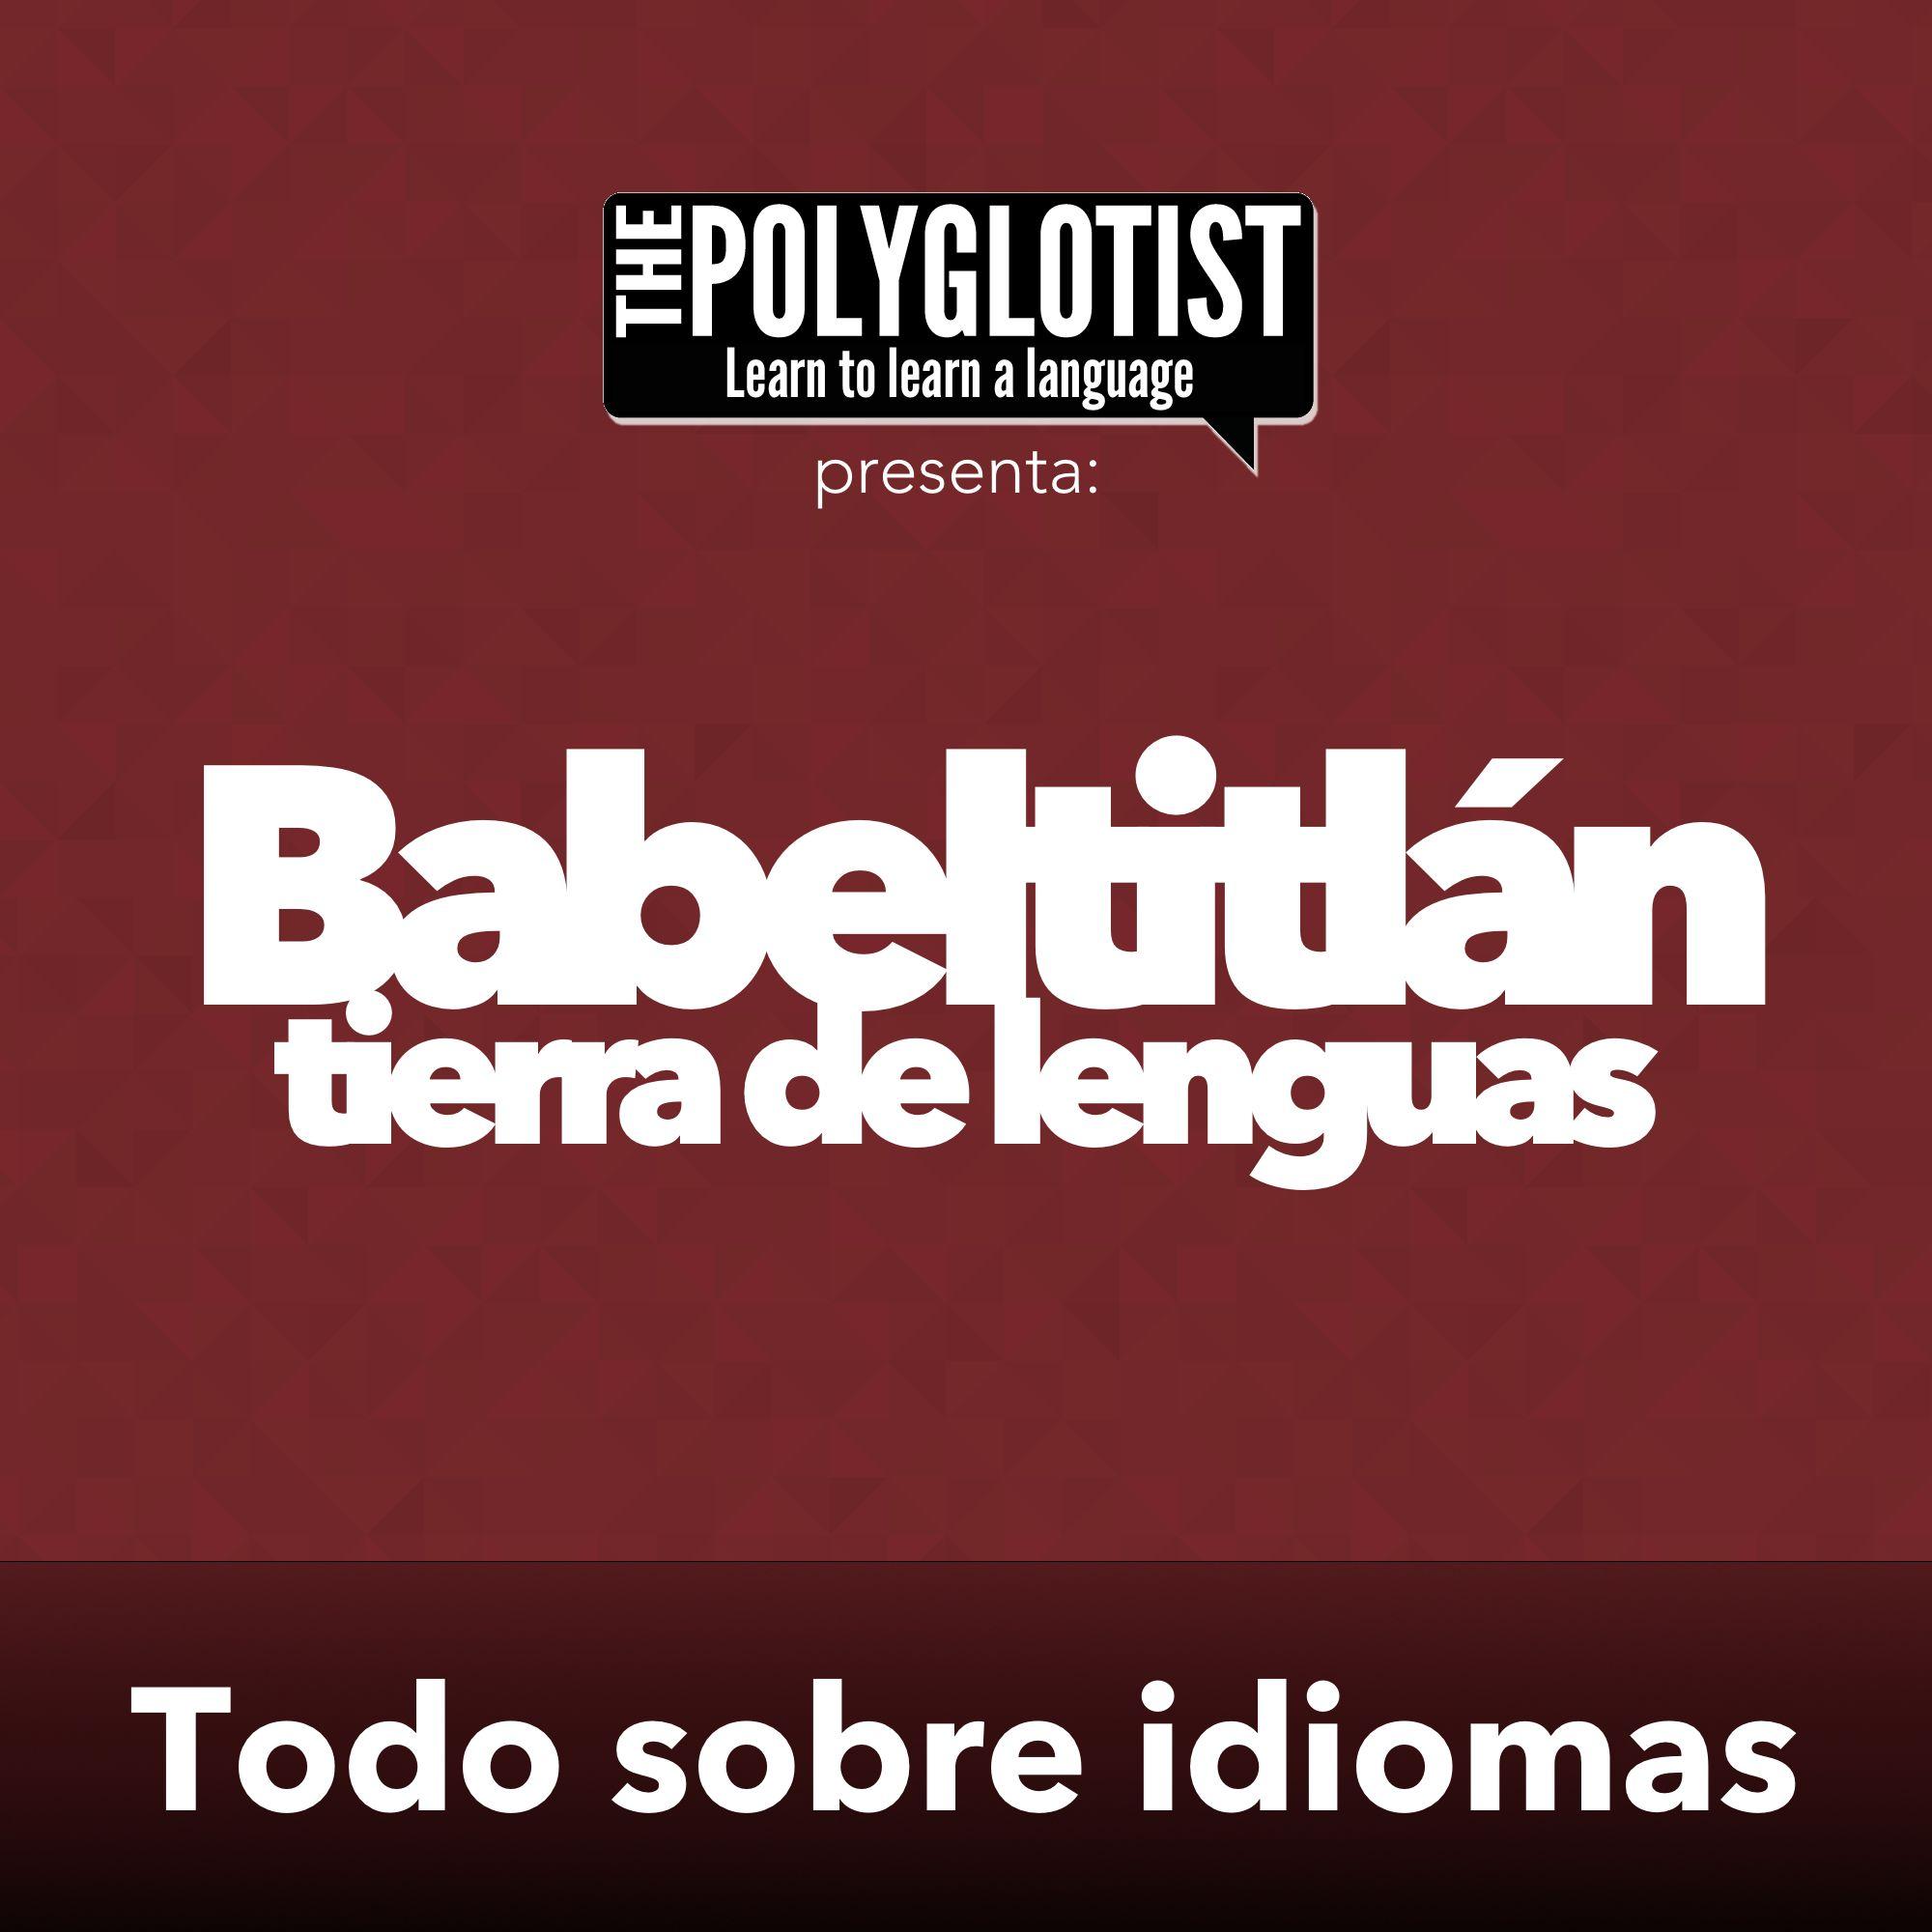 Babeltitlán | El único podcast para aprender cualquier idioma